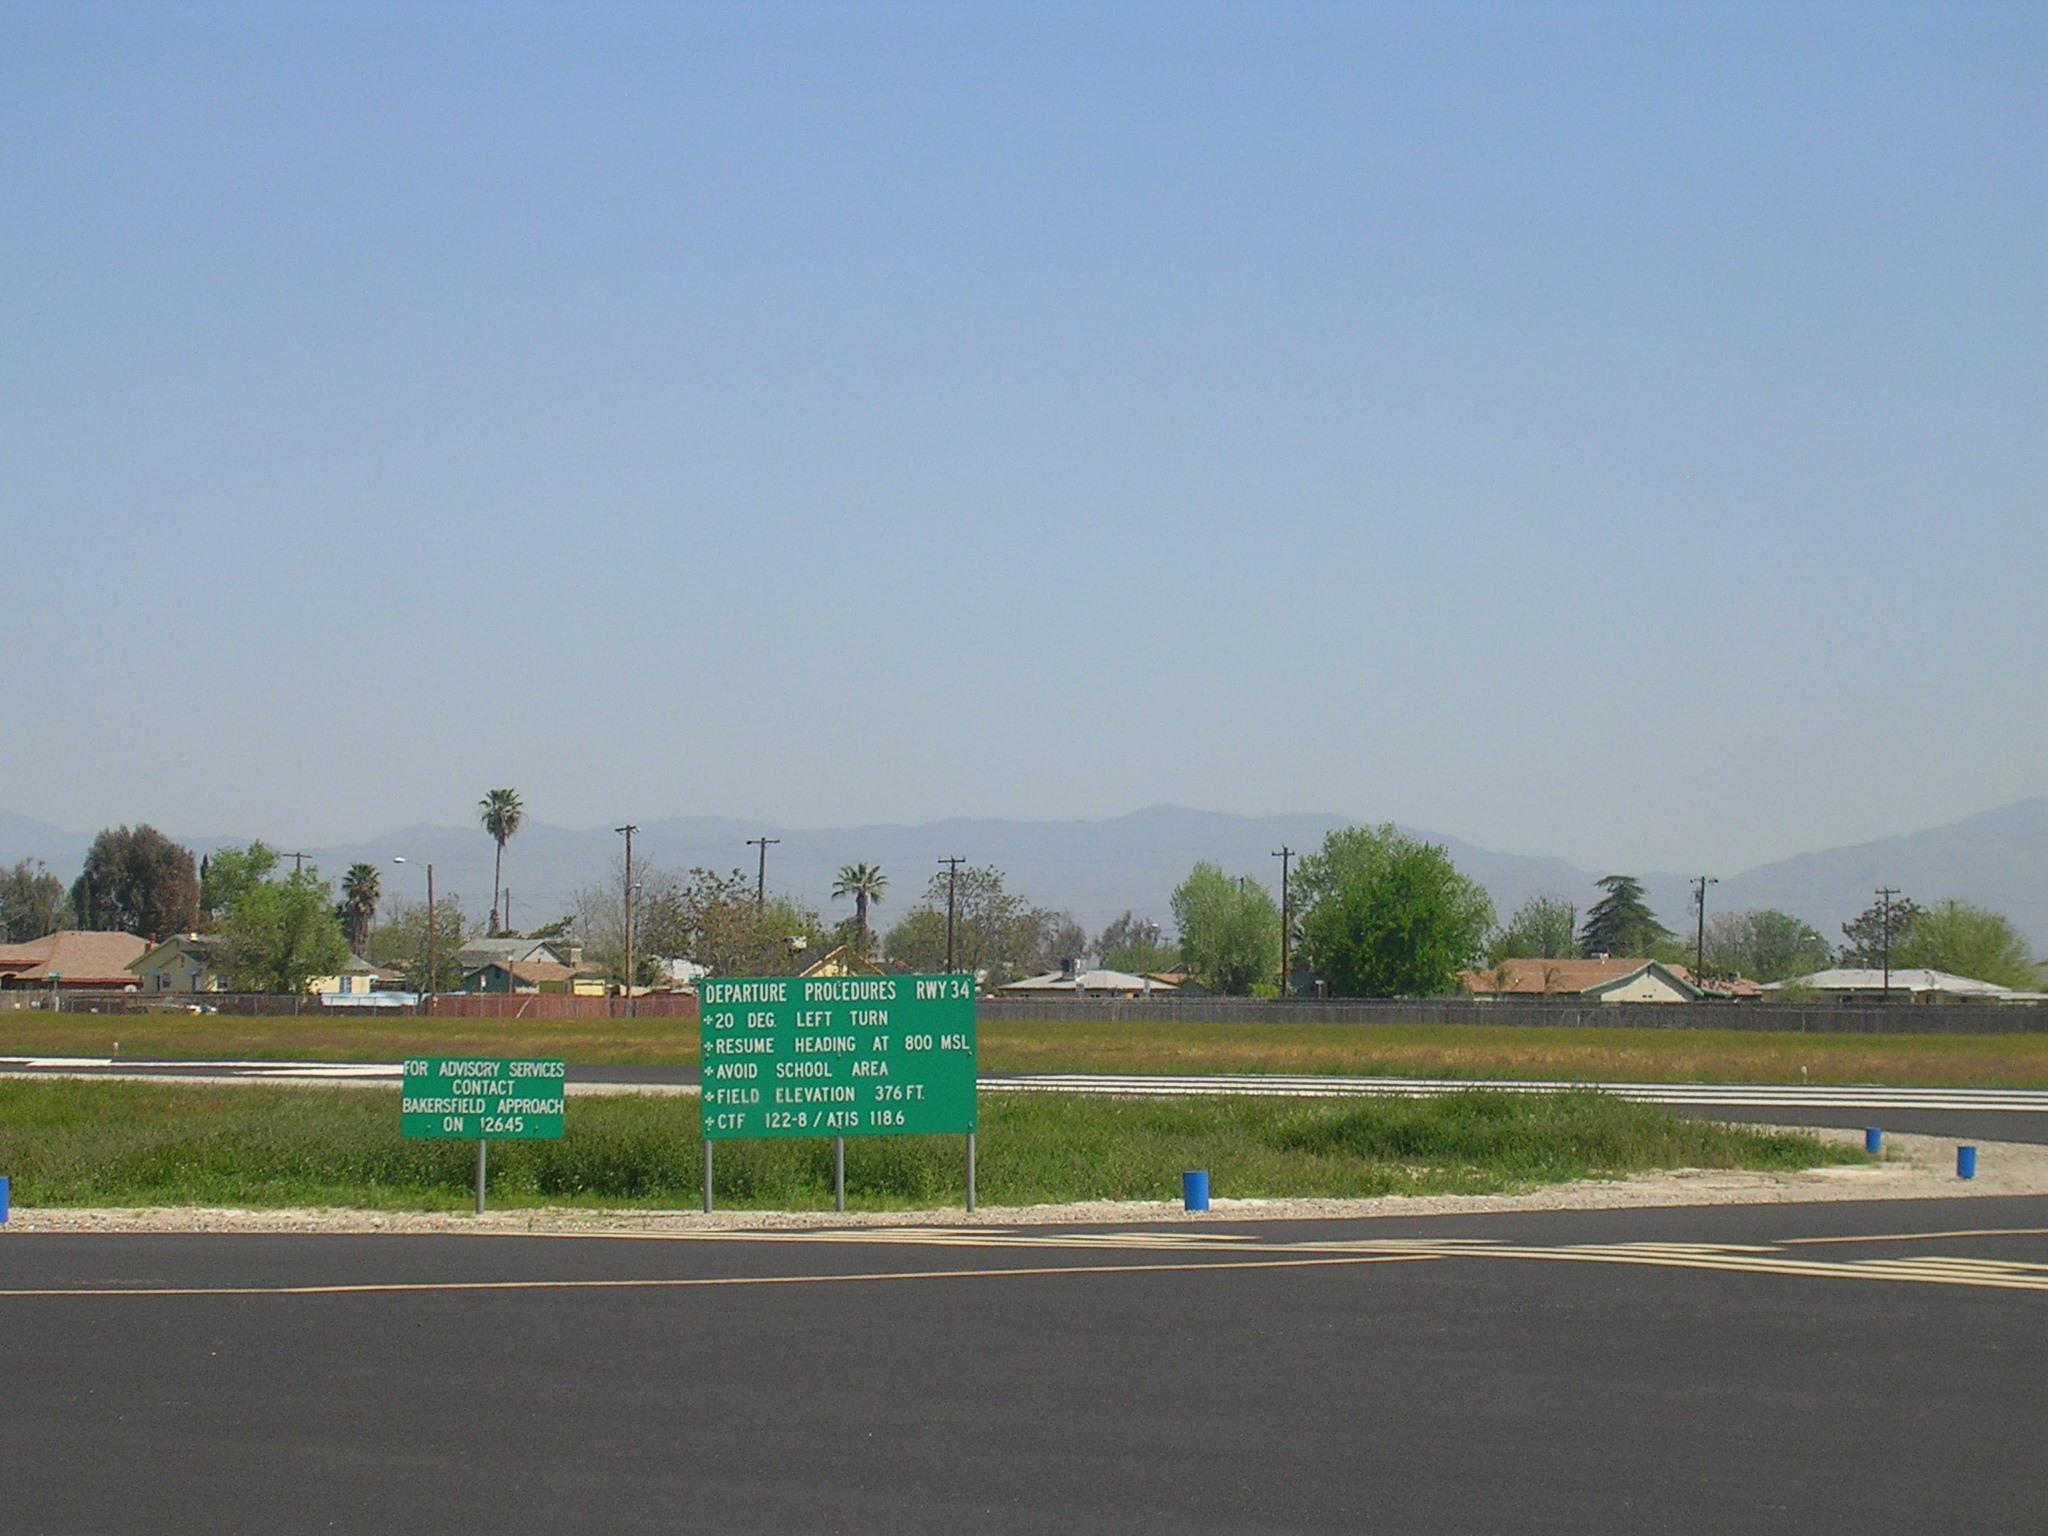 Signs at L45